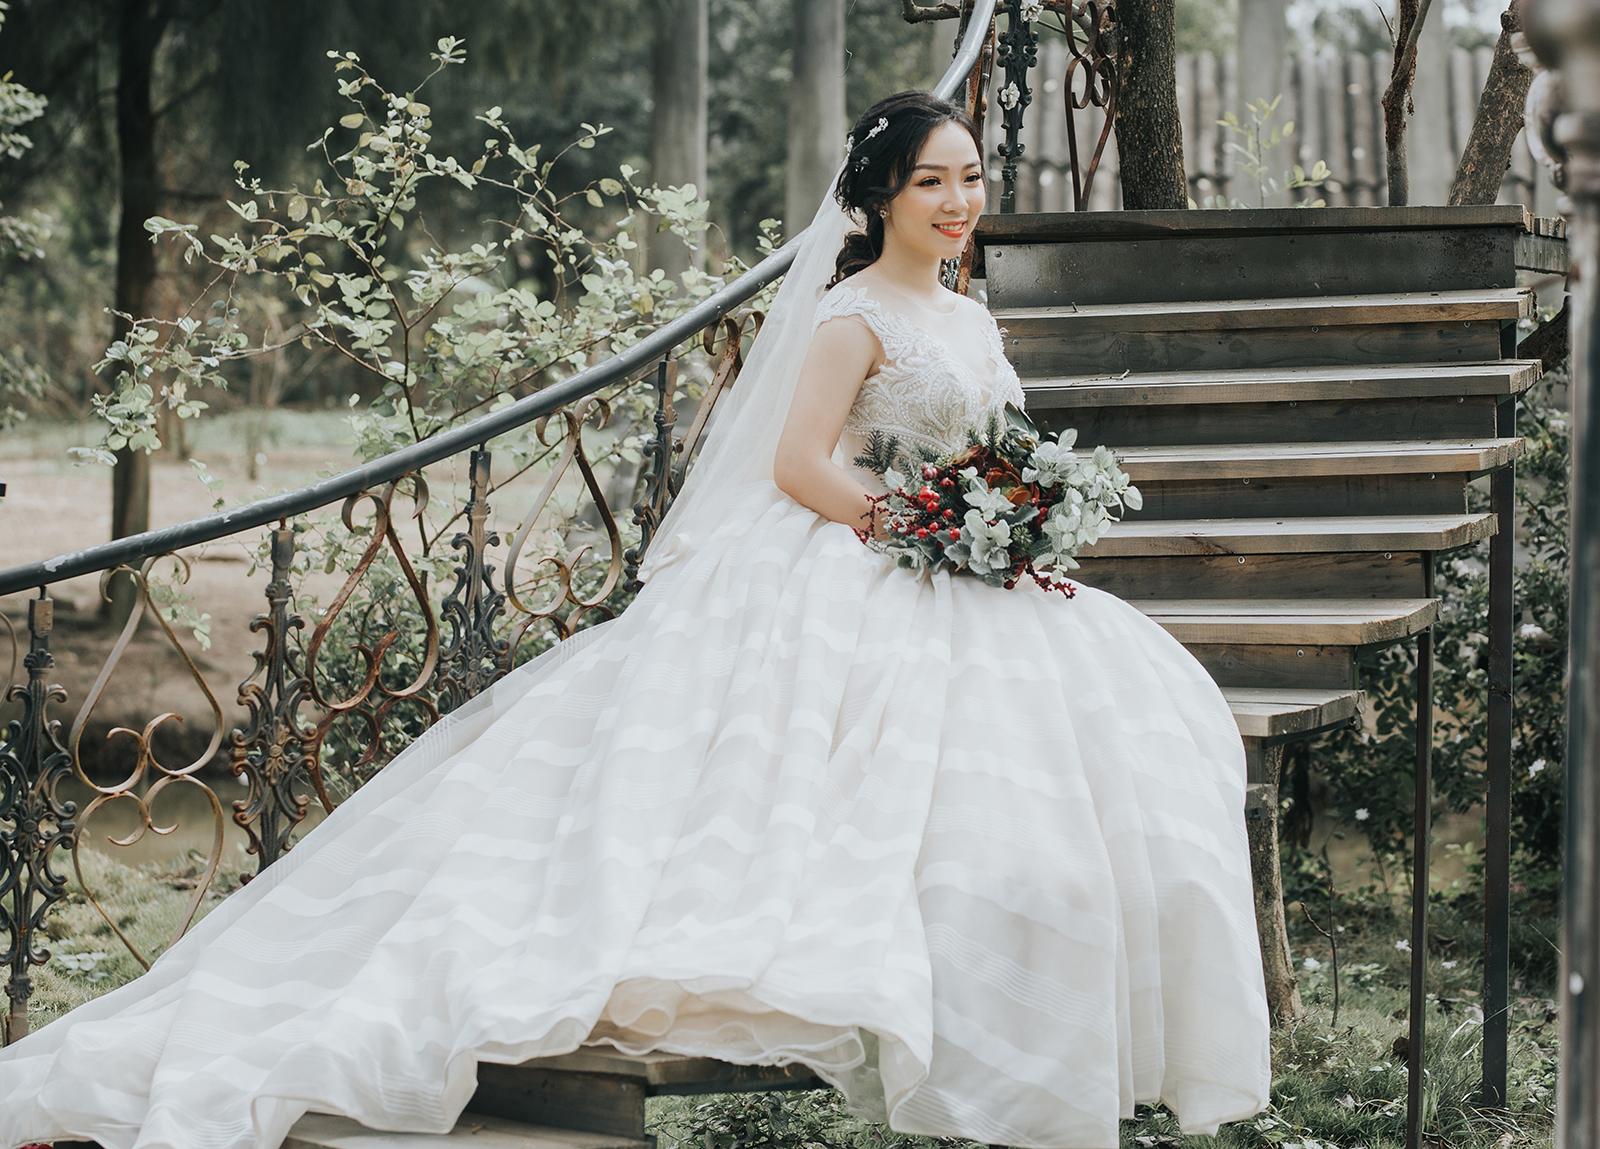 Kinh nghiệm chọn váy cưới cho cô dâu đẹp tự tin tỏa sáng